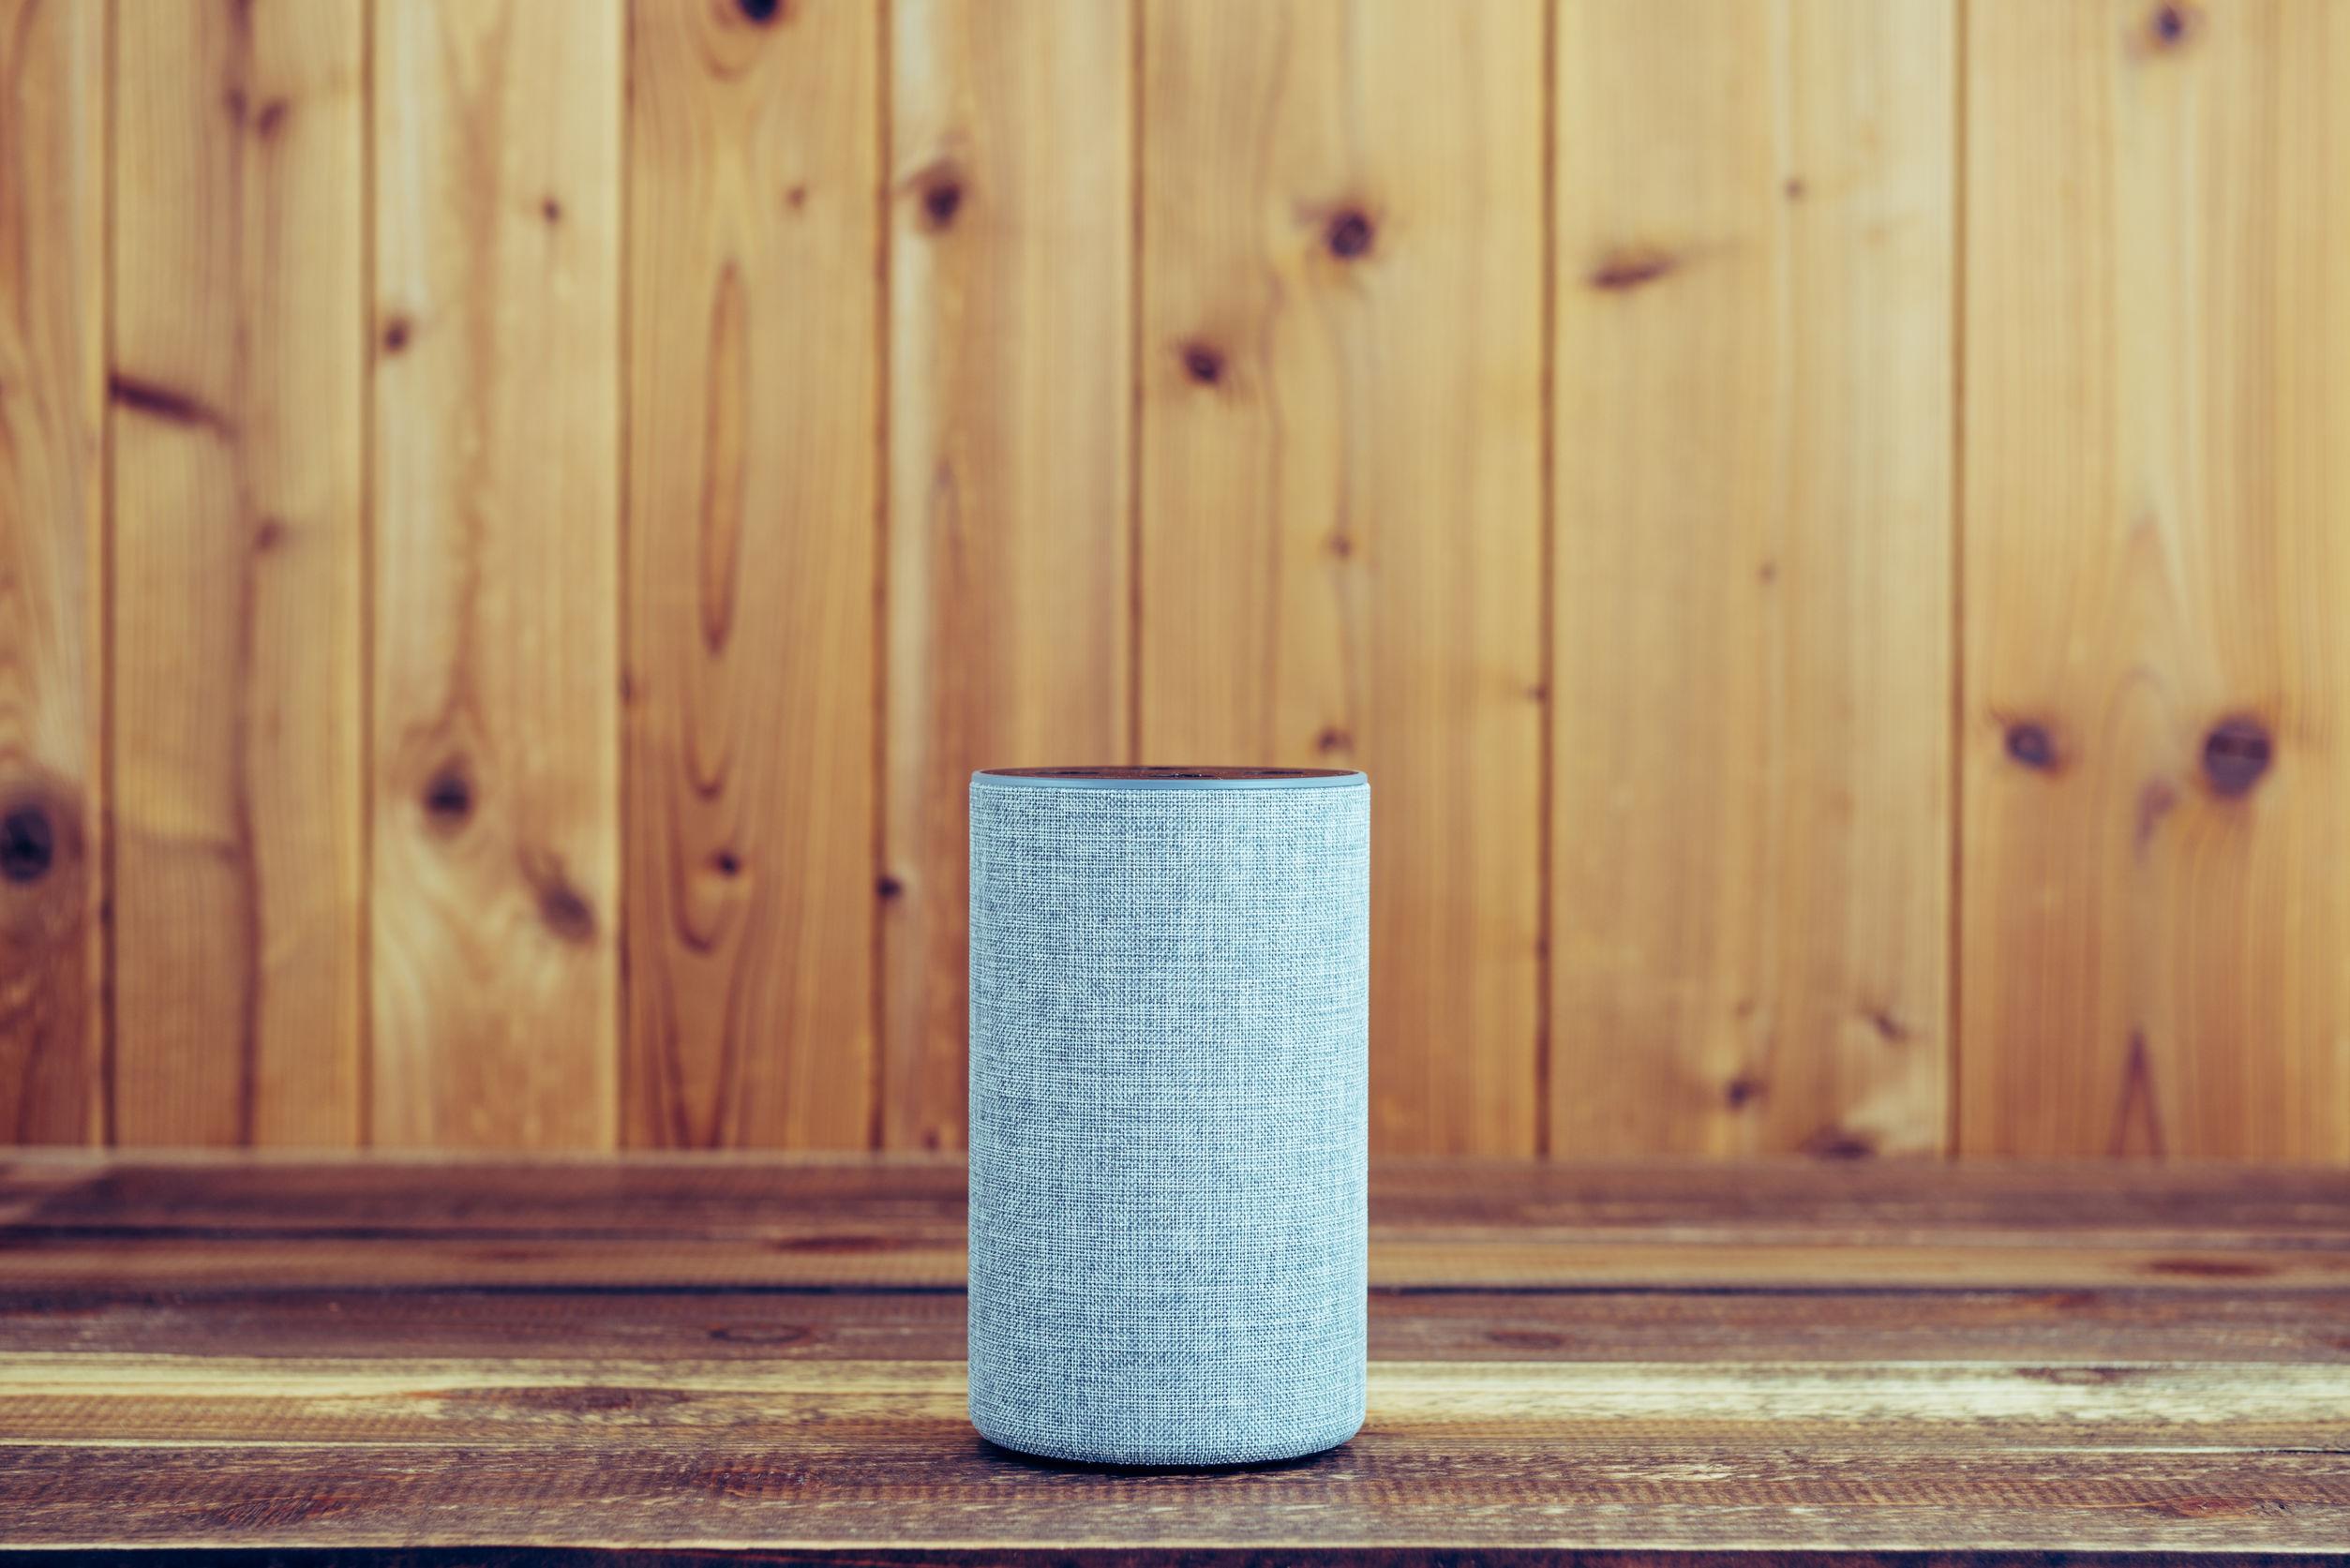 ¿Qué es un home speaker?